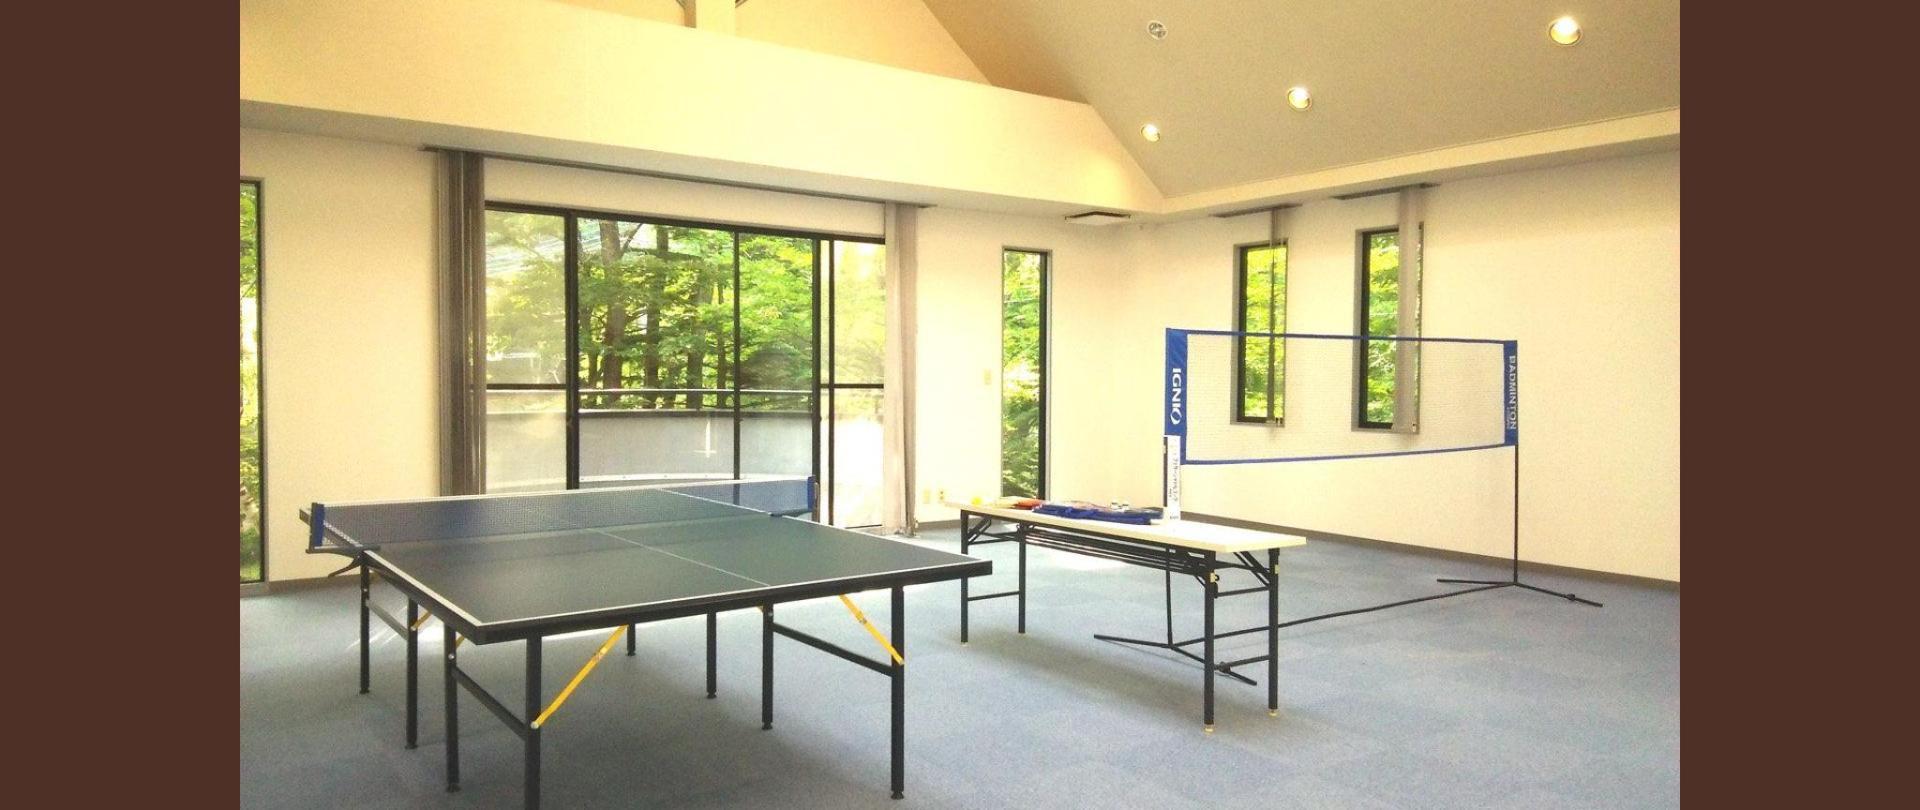 sevenresortskitakaruizawa_image_recreationroom.jpg